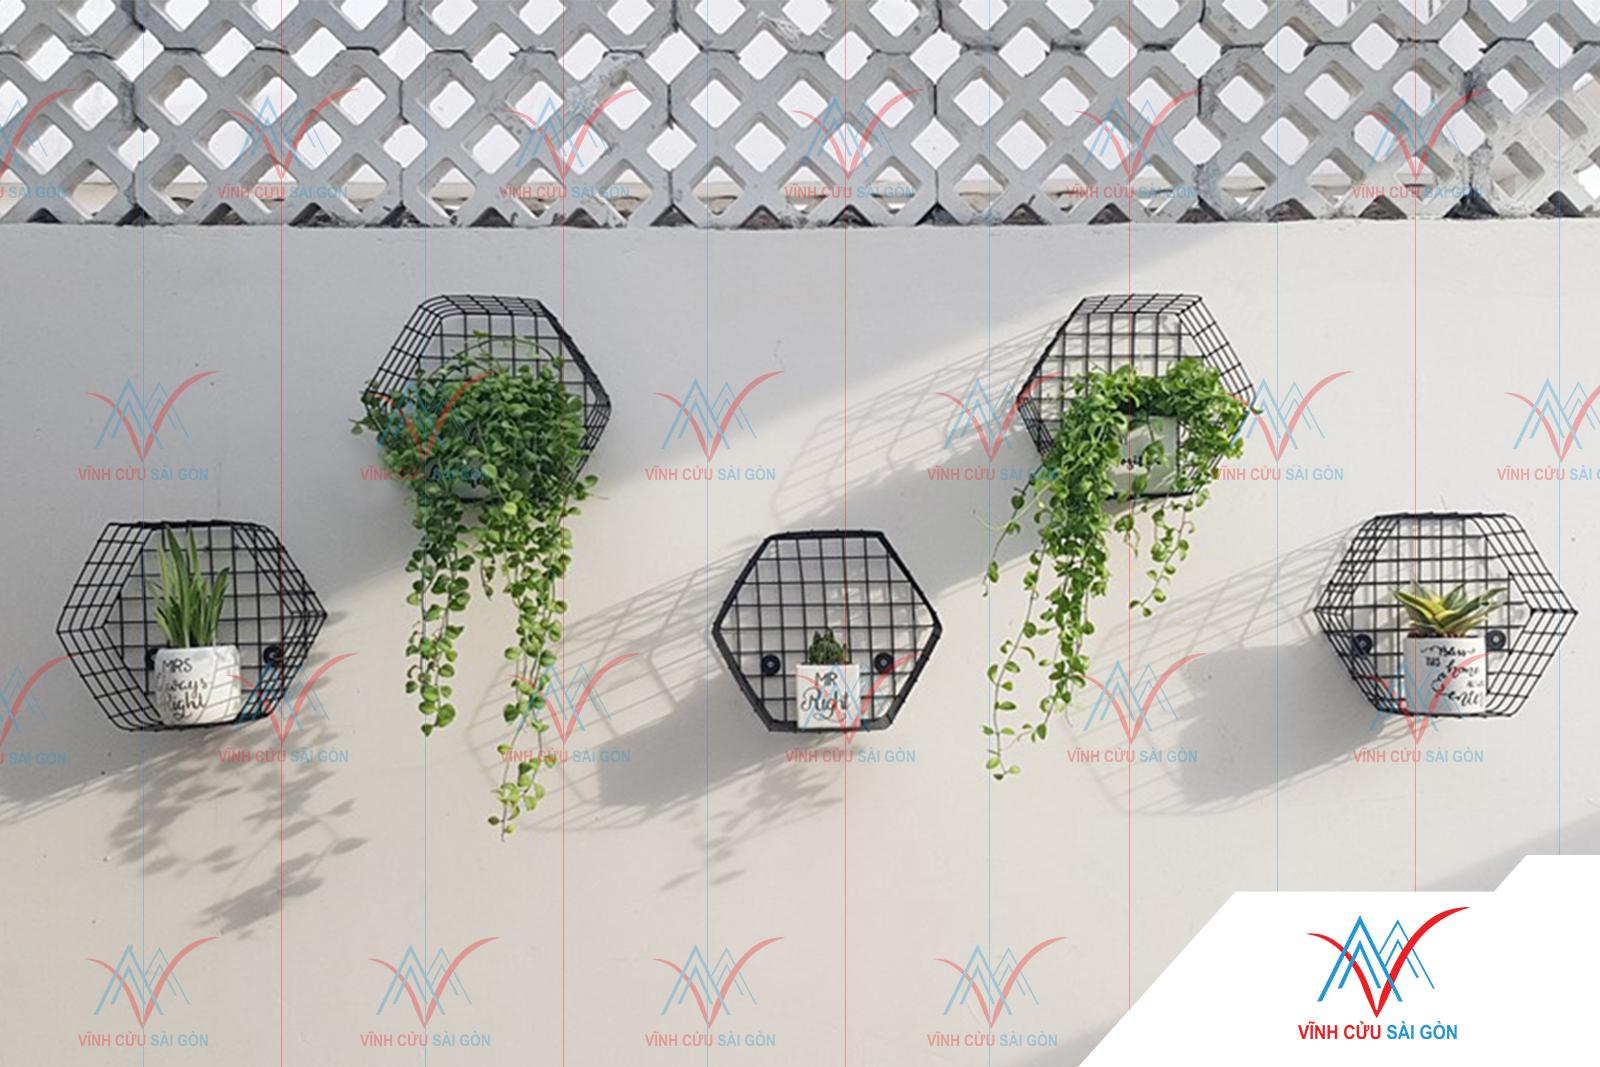 Hình ảnh công trình thực tế sử dụng Gạch trồng cỏ 8 lỗ láng không vát cạnh-2